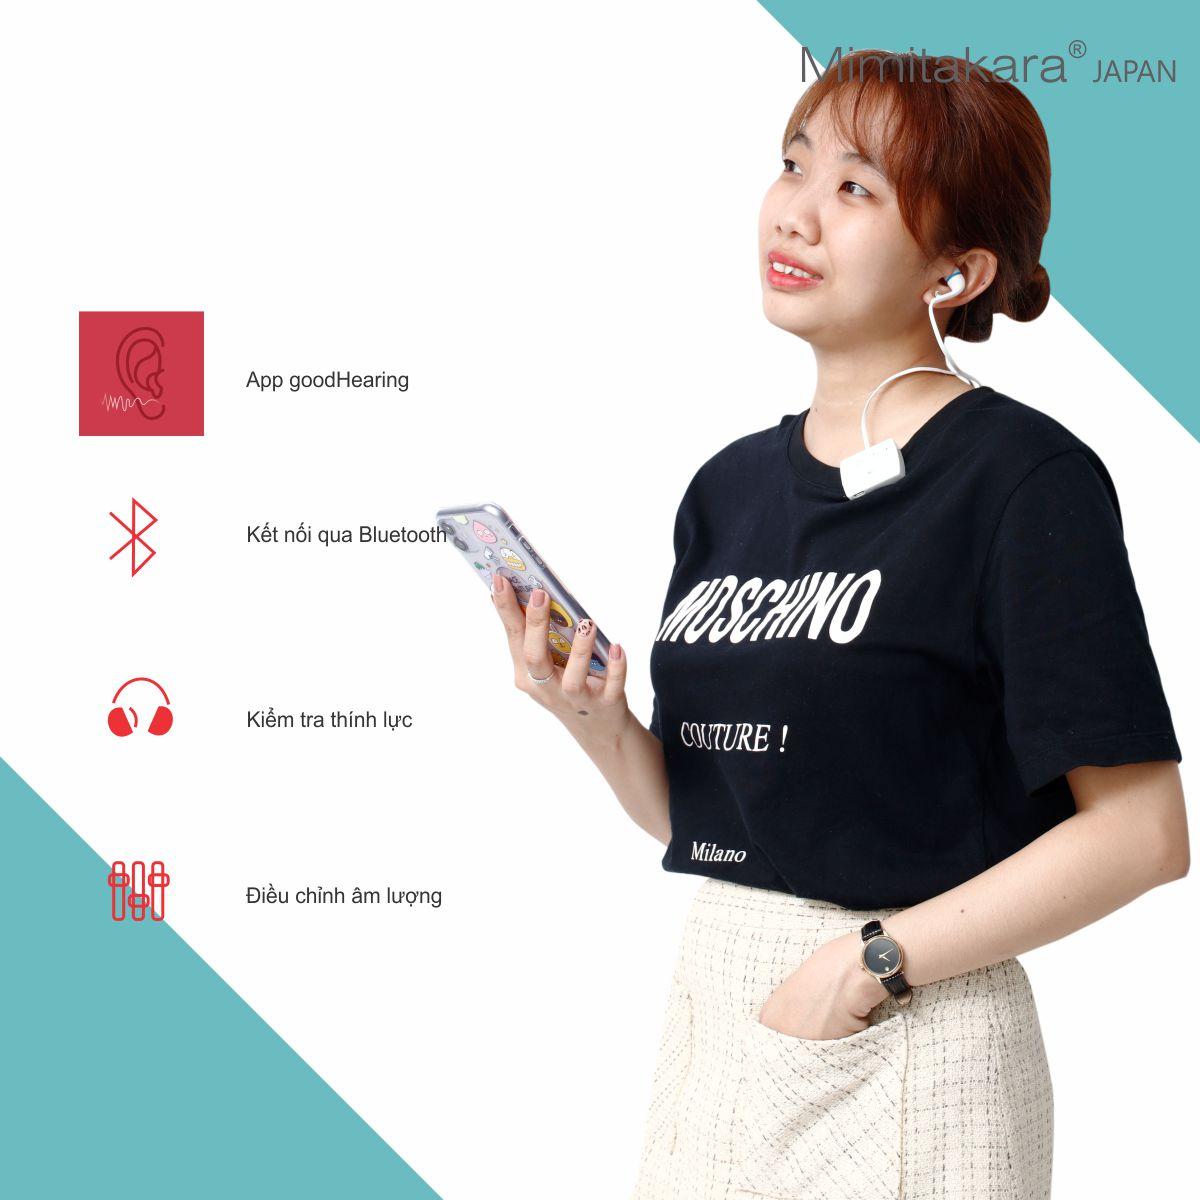 Máy trợ thính 2 tai nghe, bluetooth, pin sạc, ứng dụng smartphone Mimitakara (JAPAN) UP-6E52